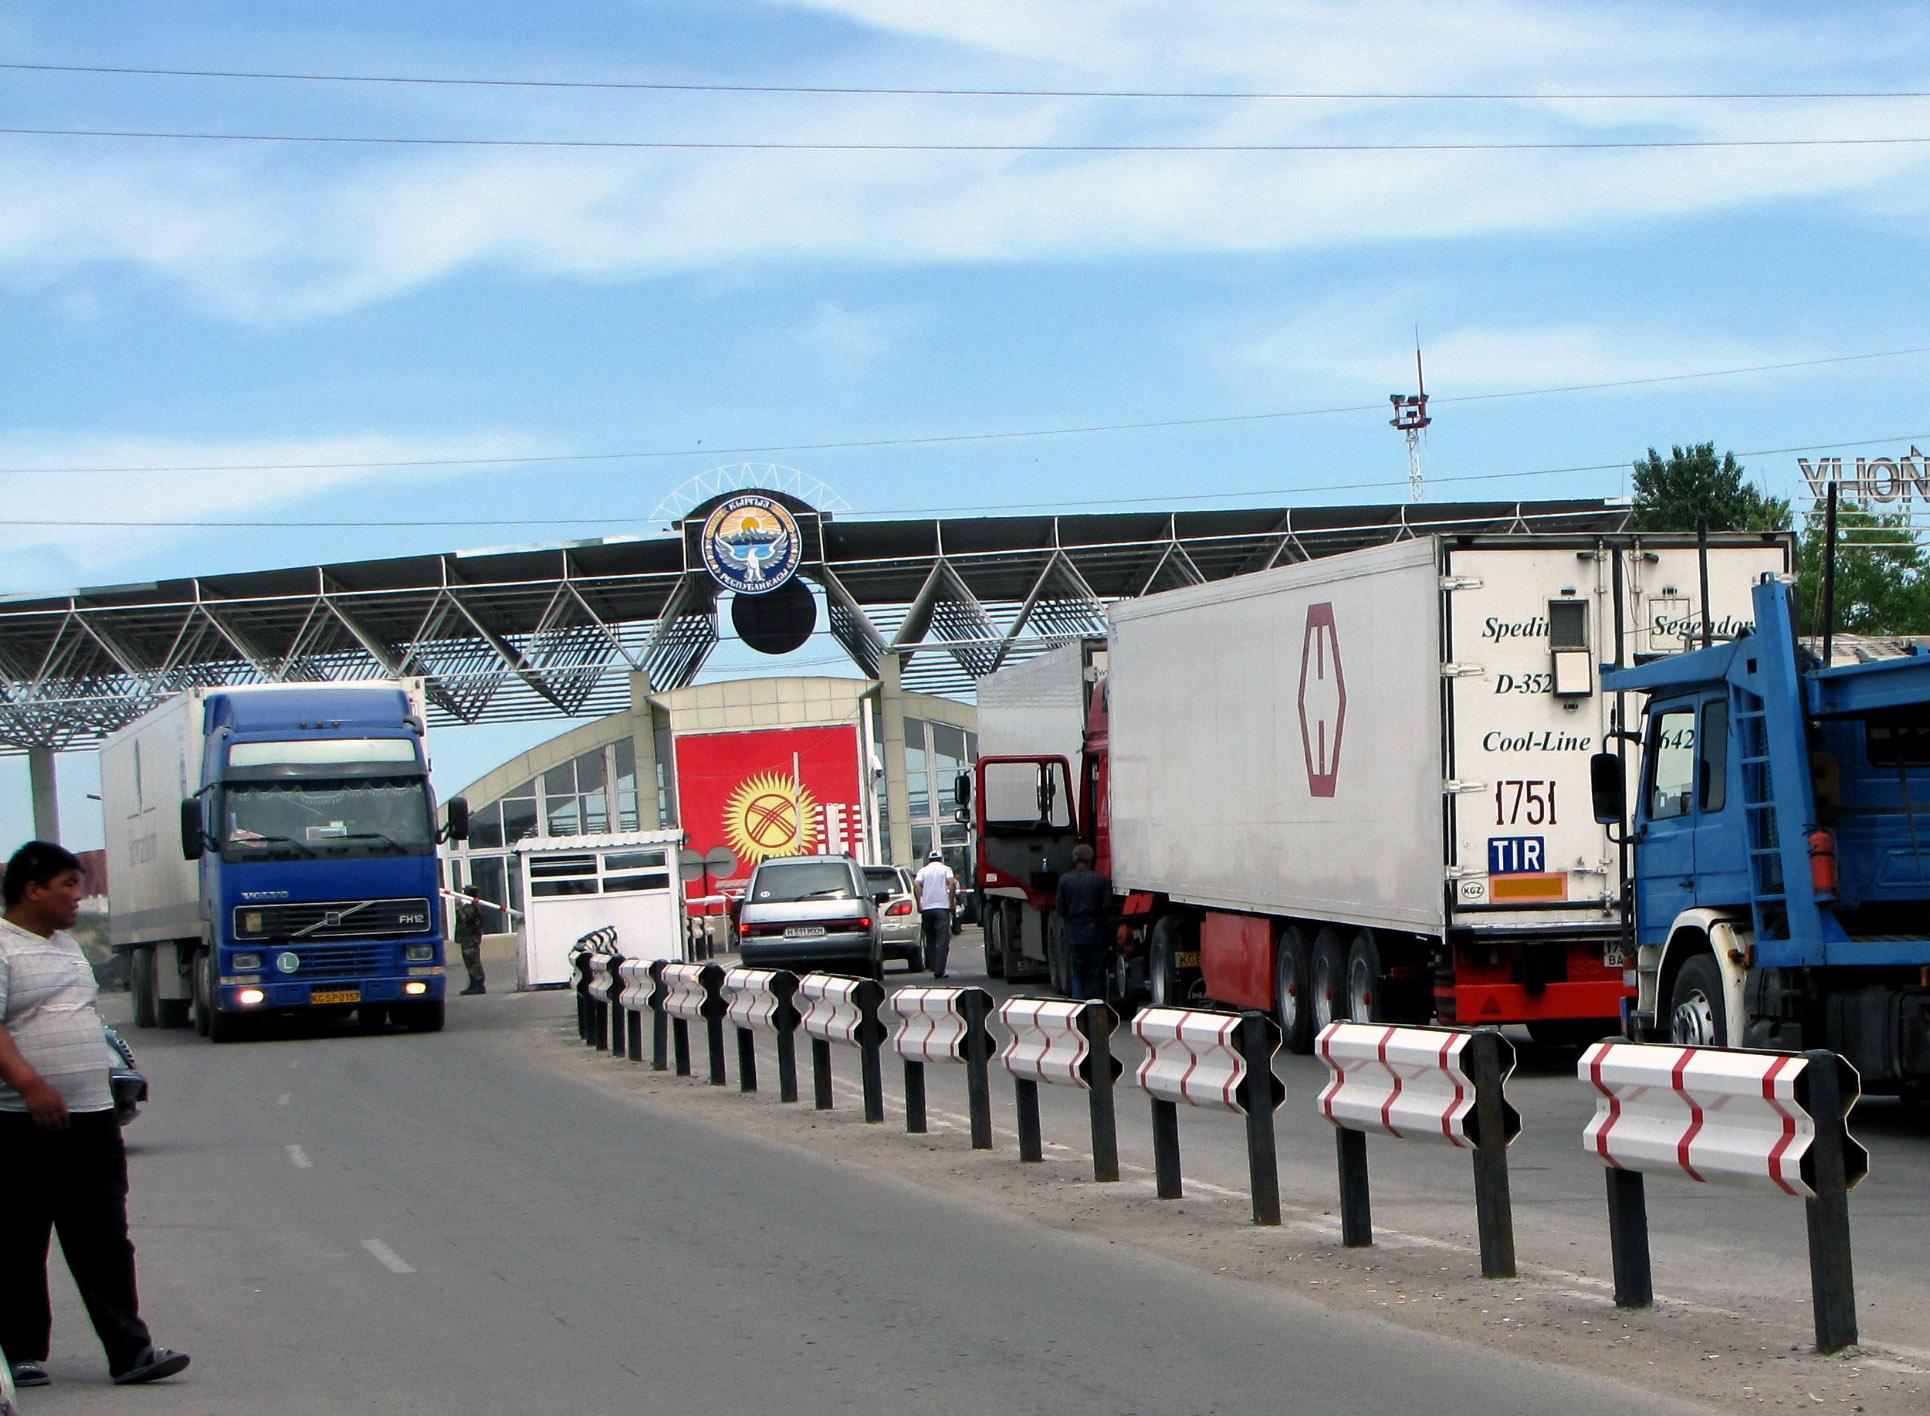 правилах, какая граница работает между казахстаном и узбекистаном Можно отказаться